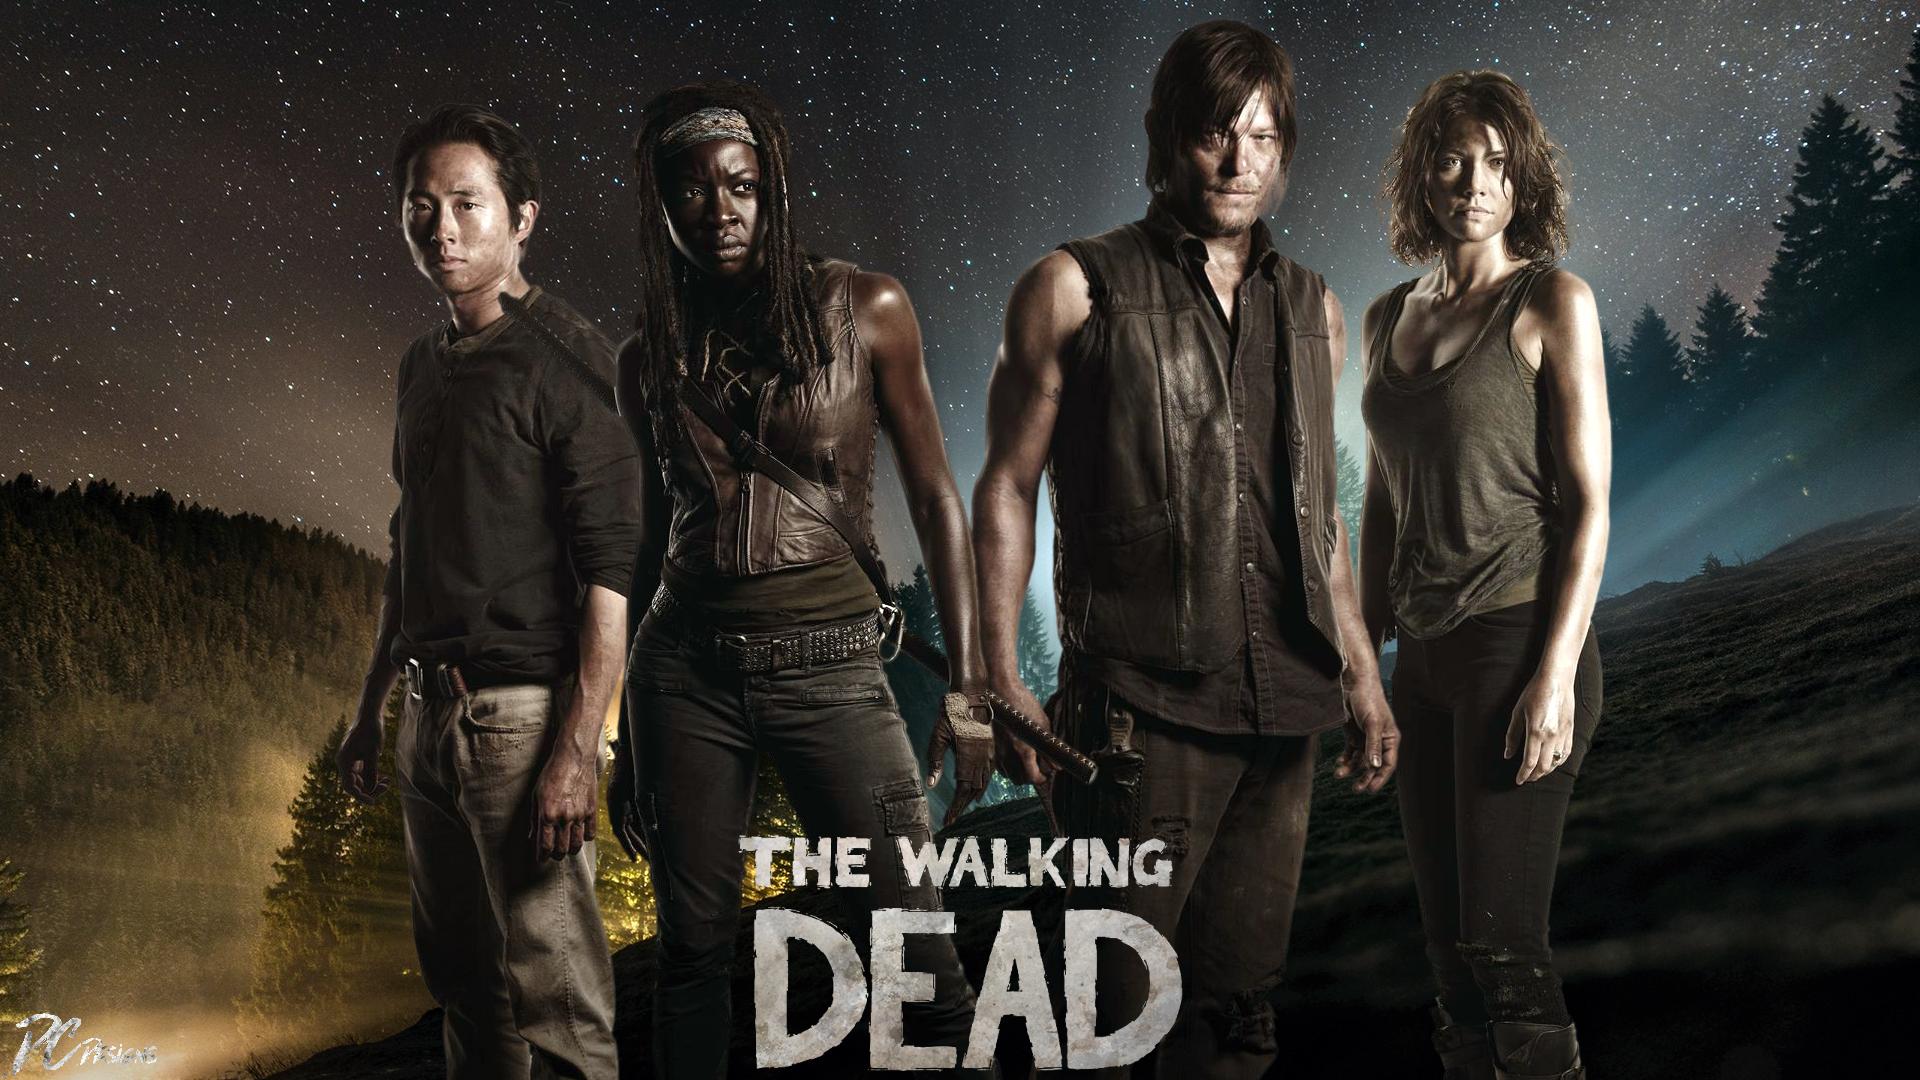 The Walking Dead Logo 2014 Fondo De Pantalla Fondos De: The Walking Dead Fondo De Pantalla HD